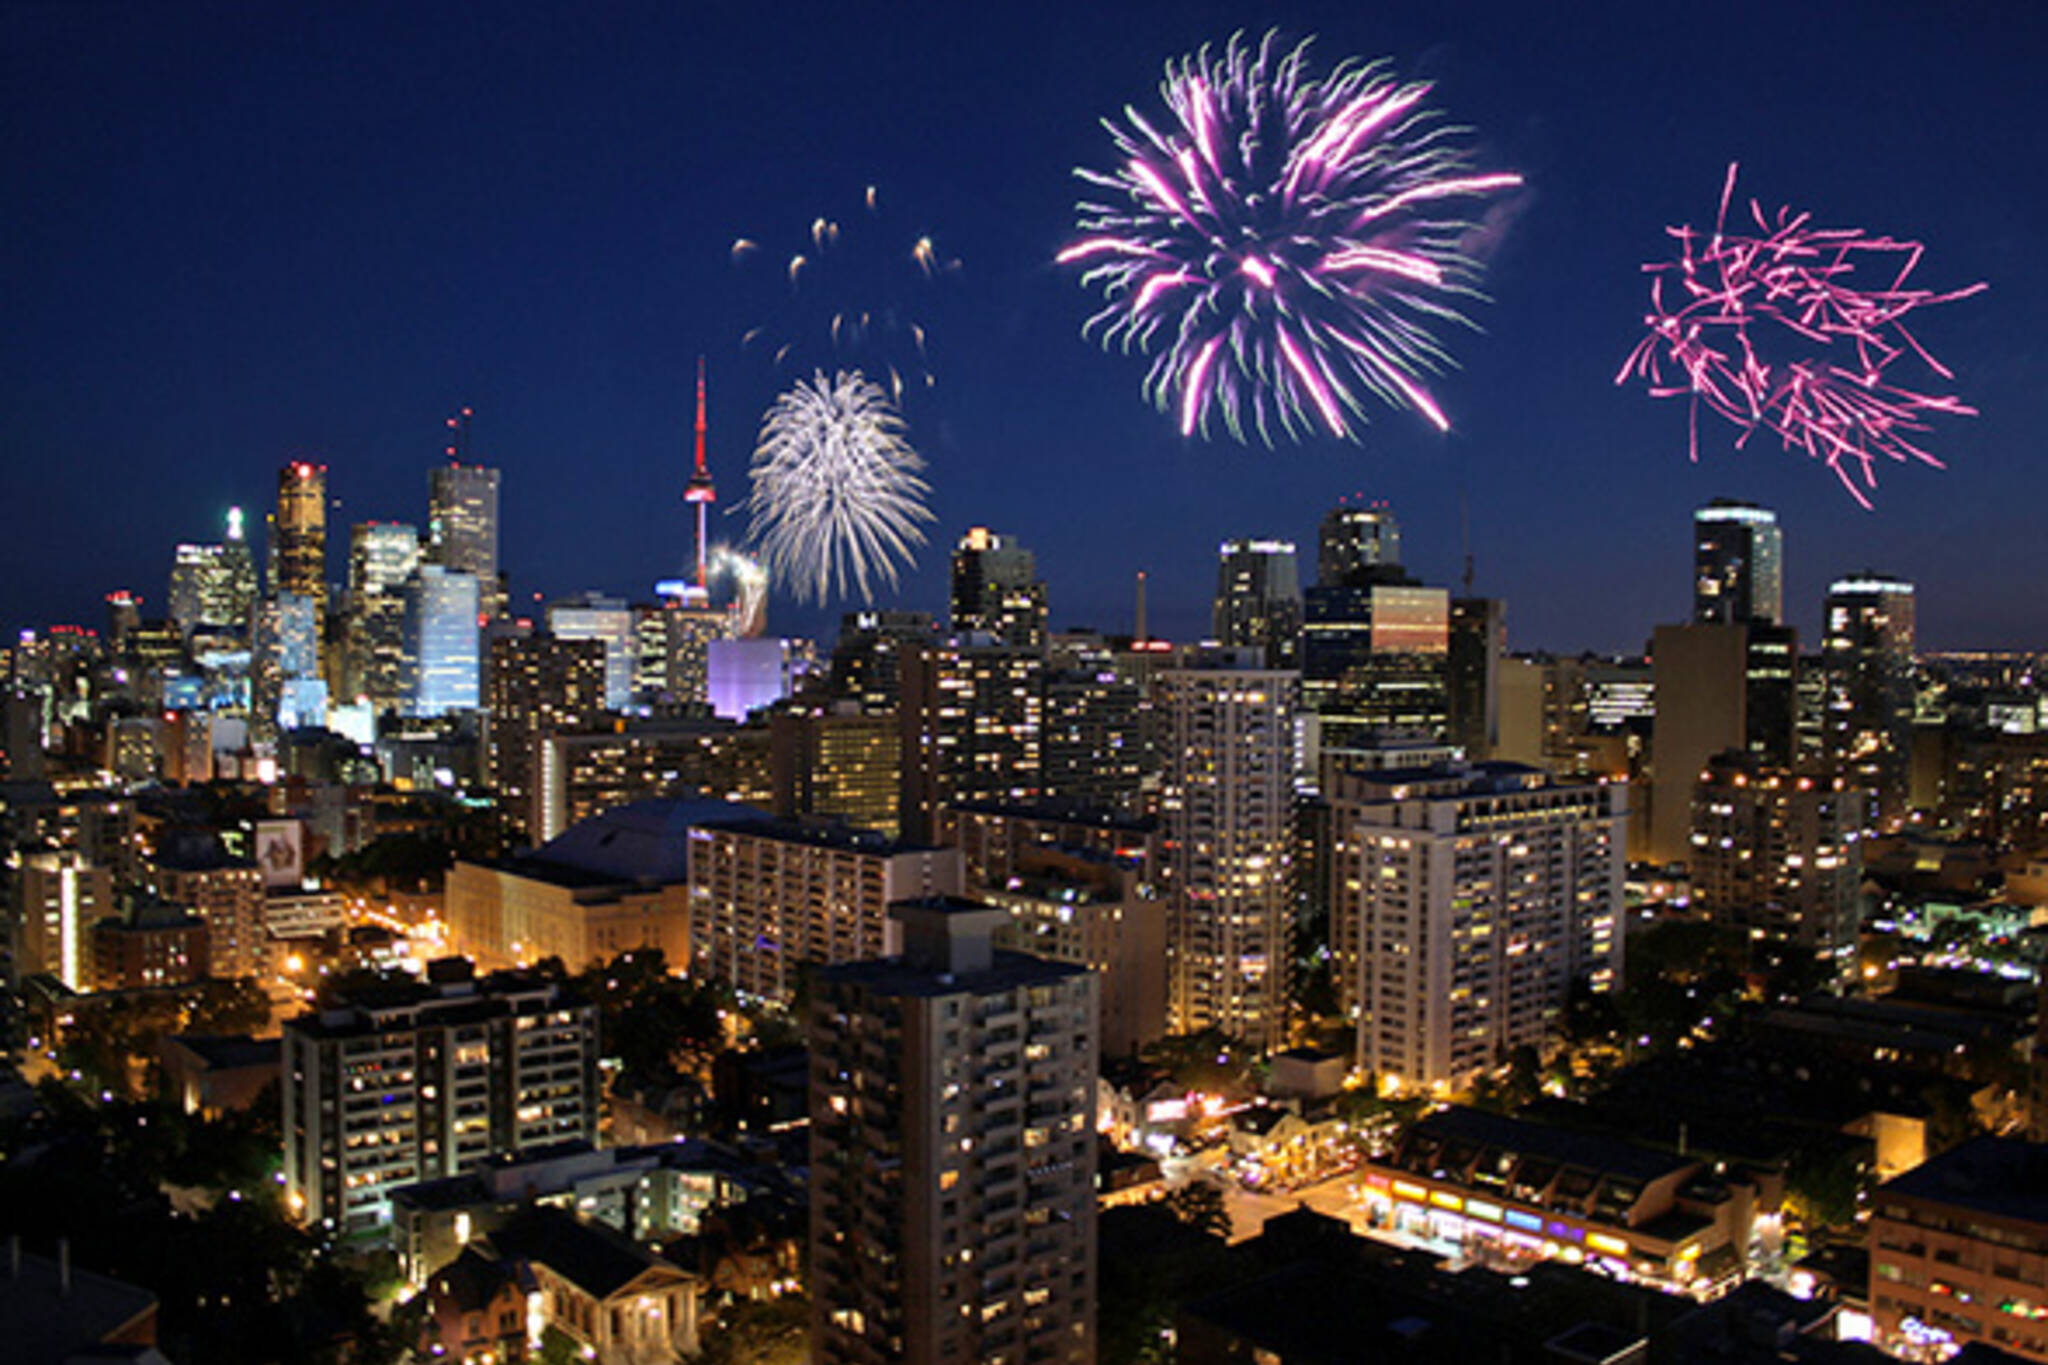 Canada Day Fireworks Toronto 2014